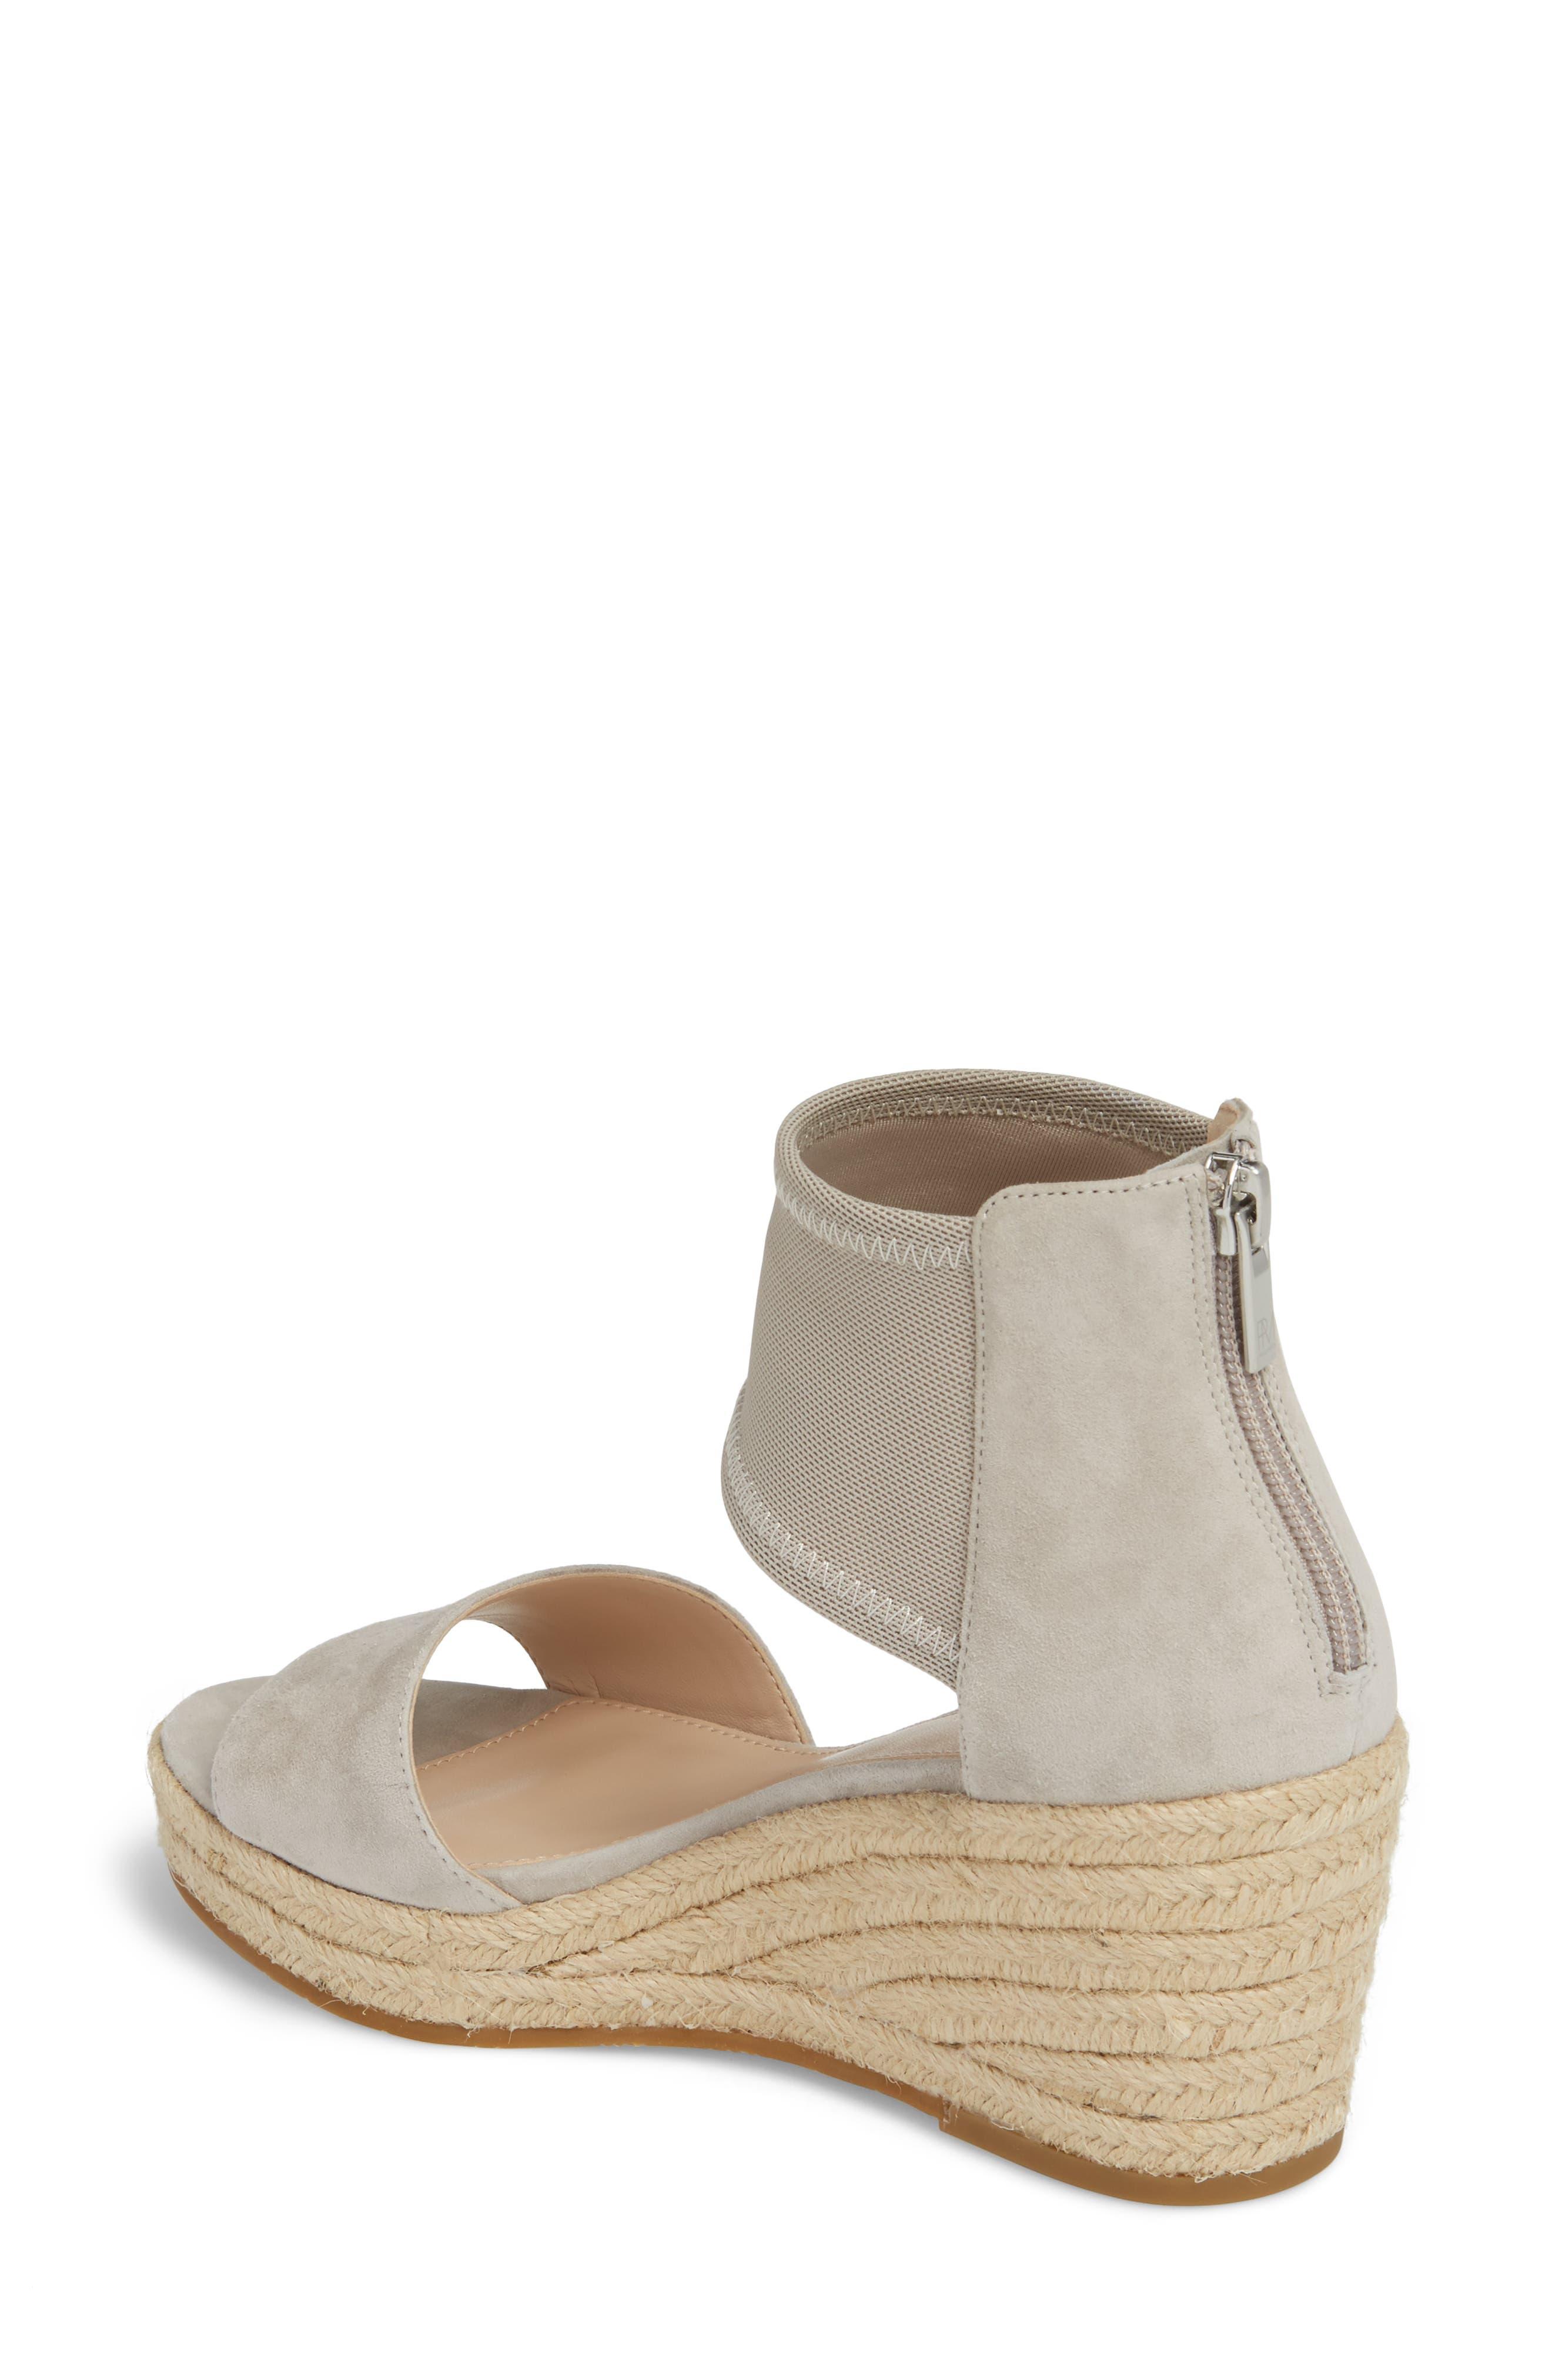 Alternate Image 2  - Pelle Moda Kona Platform Wedge Sandal (Women)